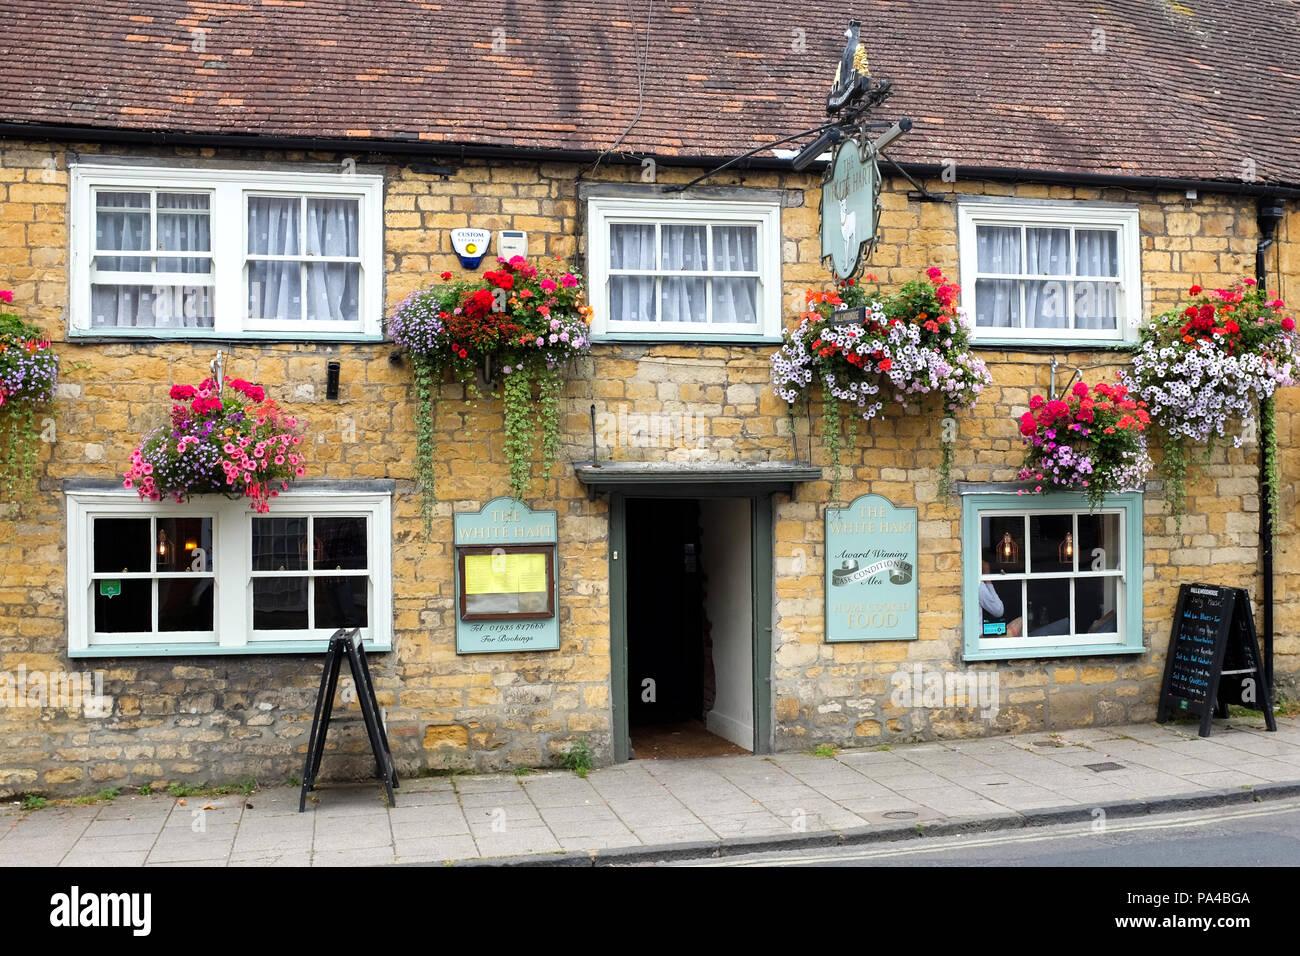 Il White Hart pub sulla strada a buon mercato a Sherborne, Dorset, Inghilterra. Immagini Stock